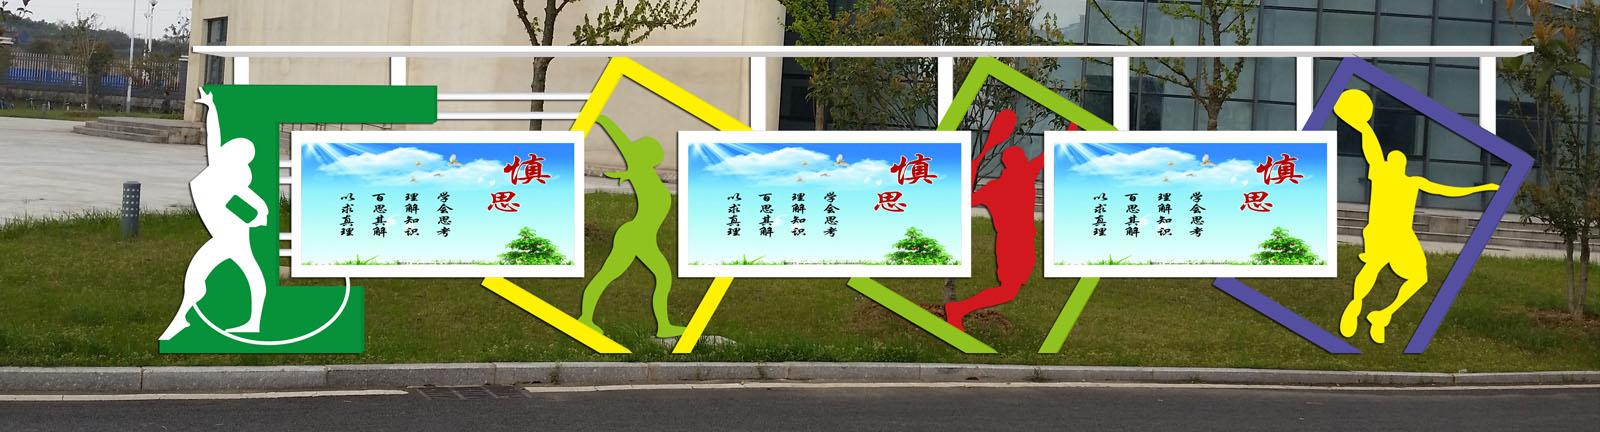 杭州公交候车亭